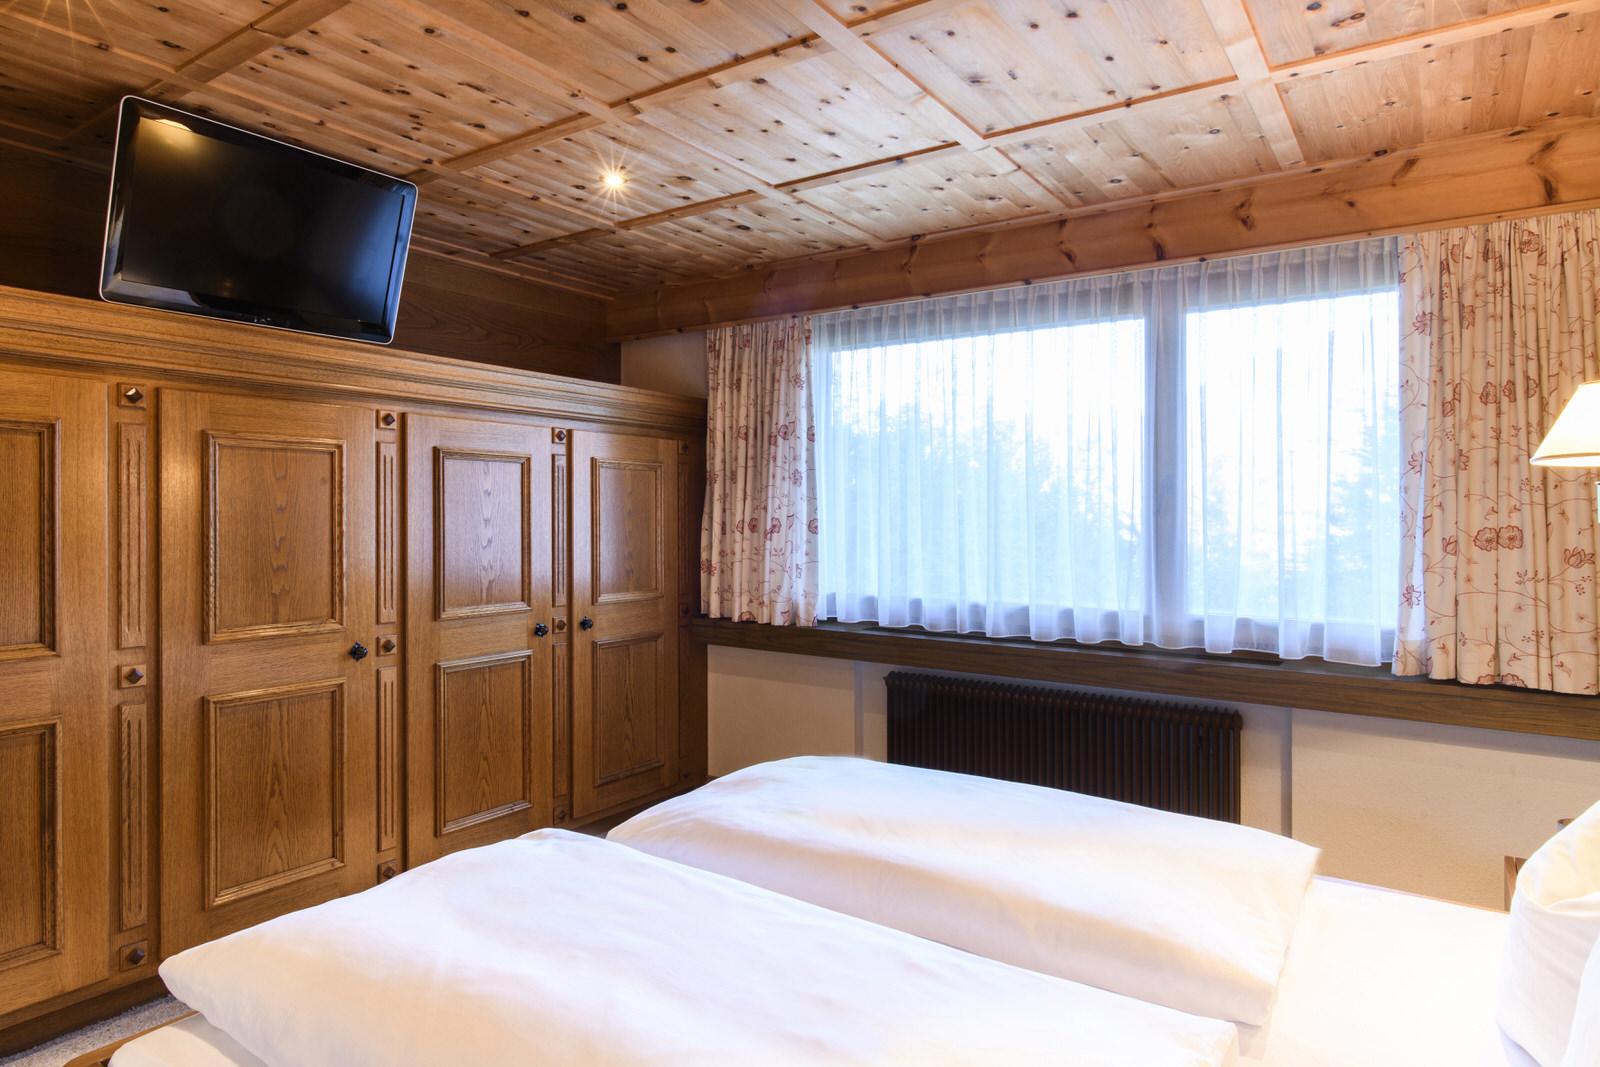 Rappakopf Forrest house in the Montafon - sleeping